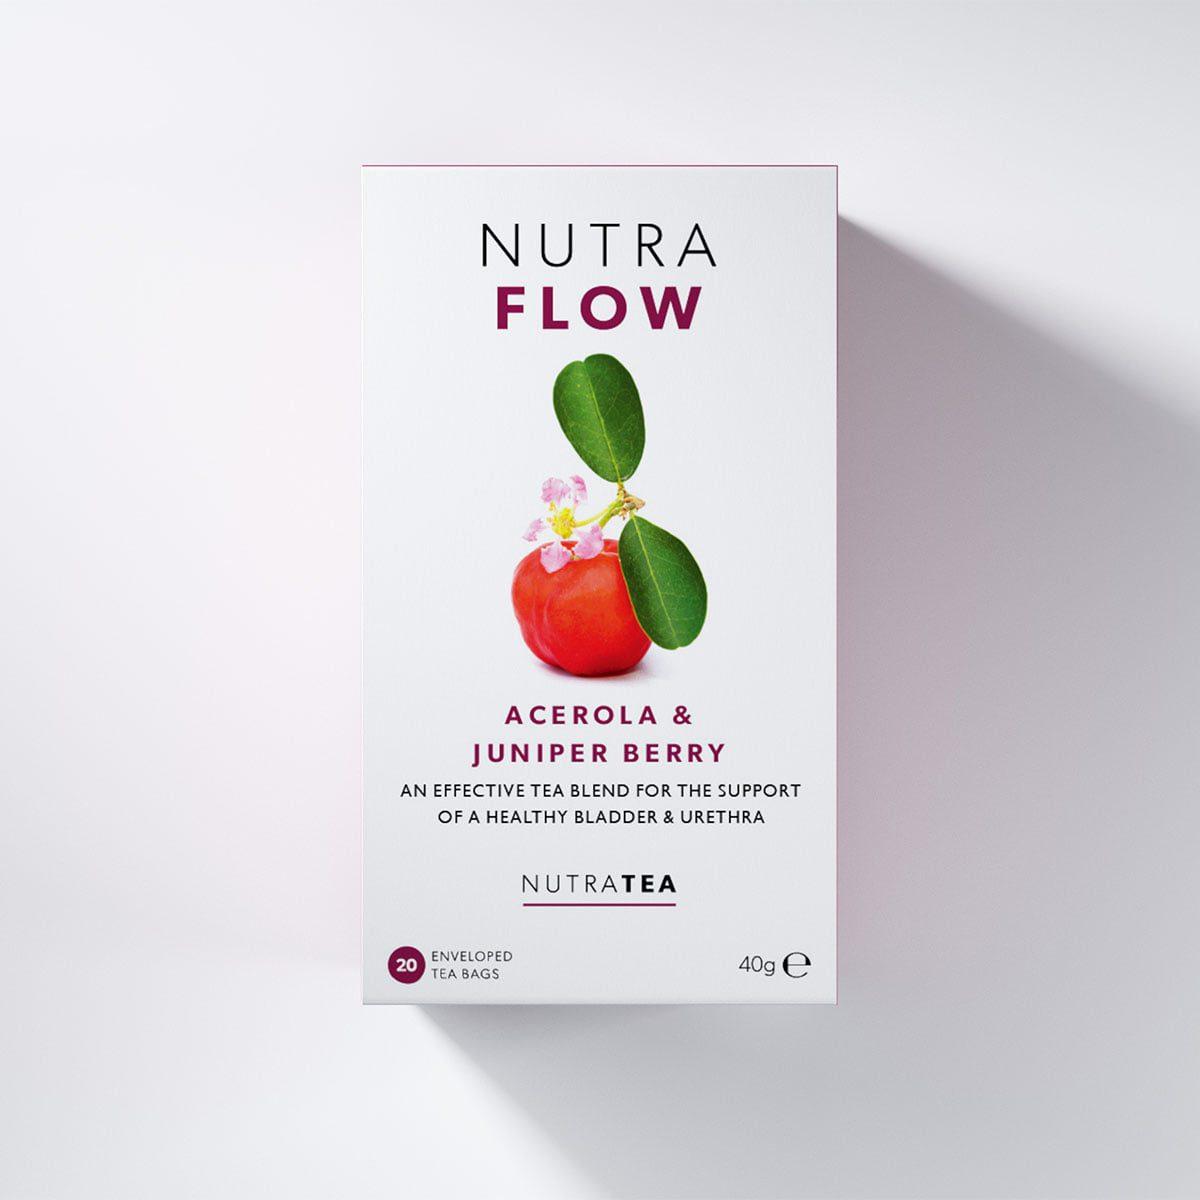 067_Box_NF_Acerola Juniper Berries_Box_Front